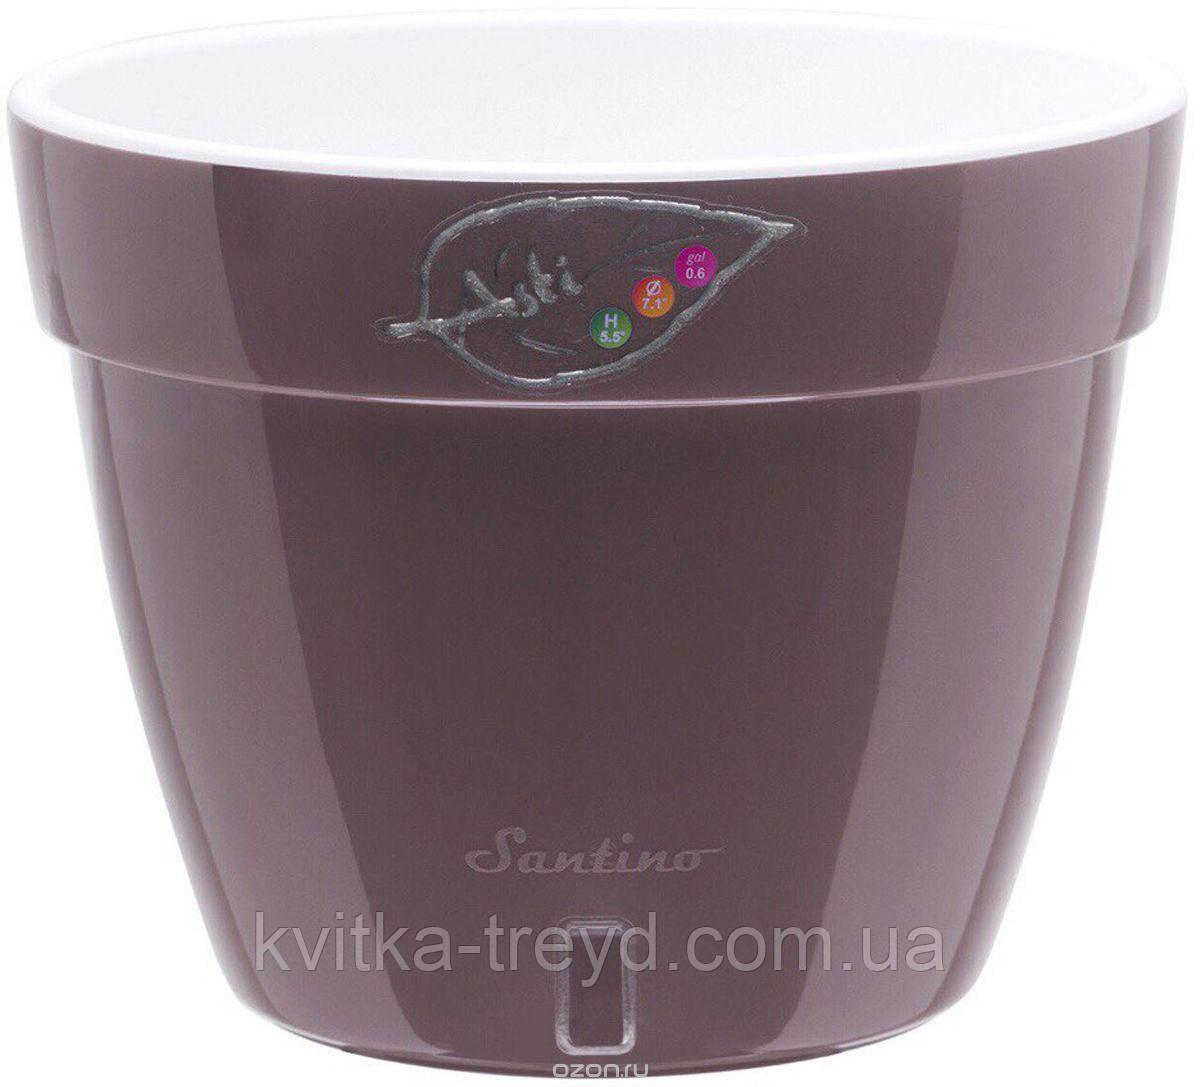 Цветочный горшок Asti 4 литра